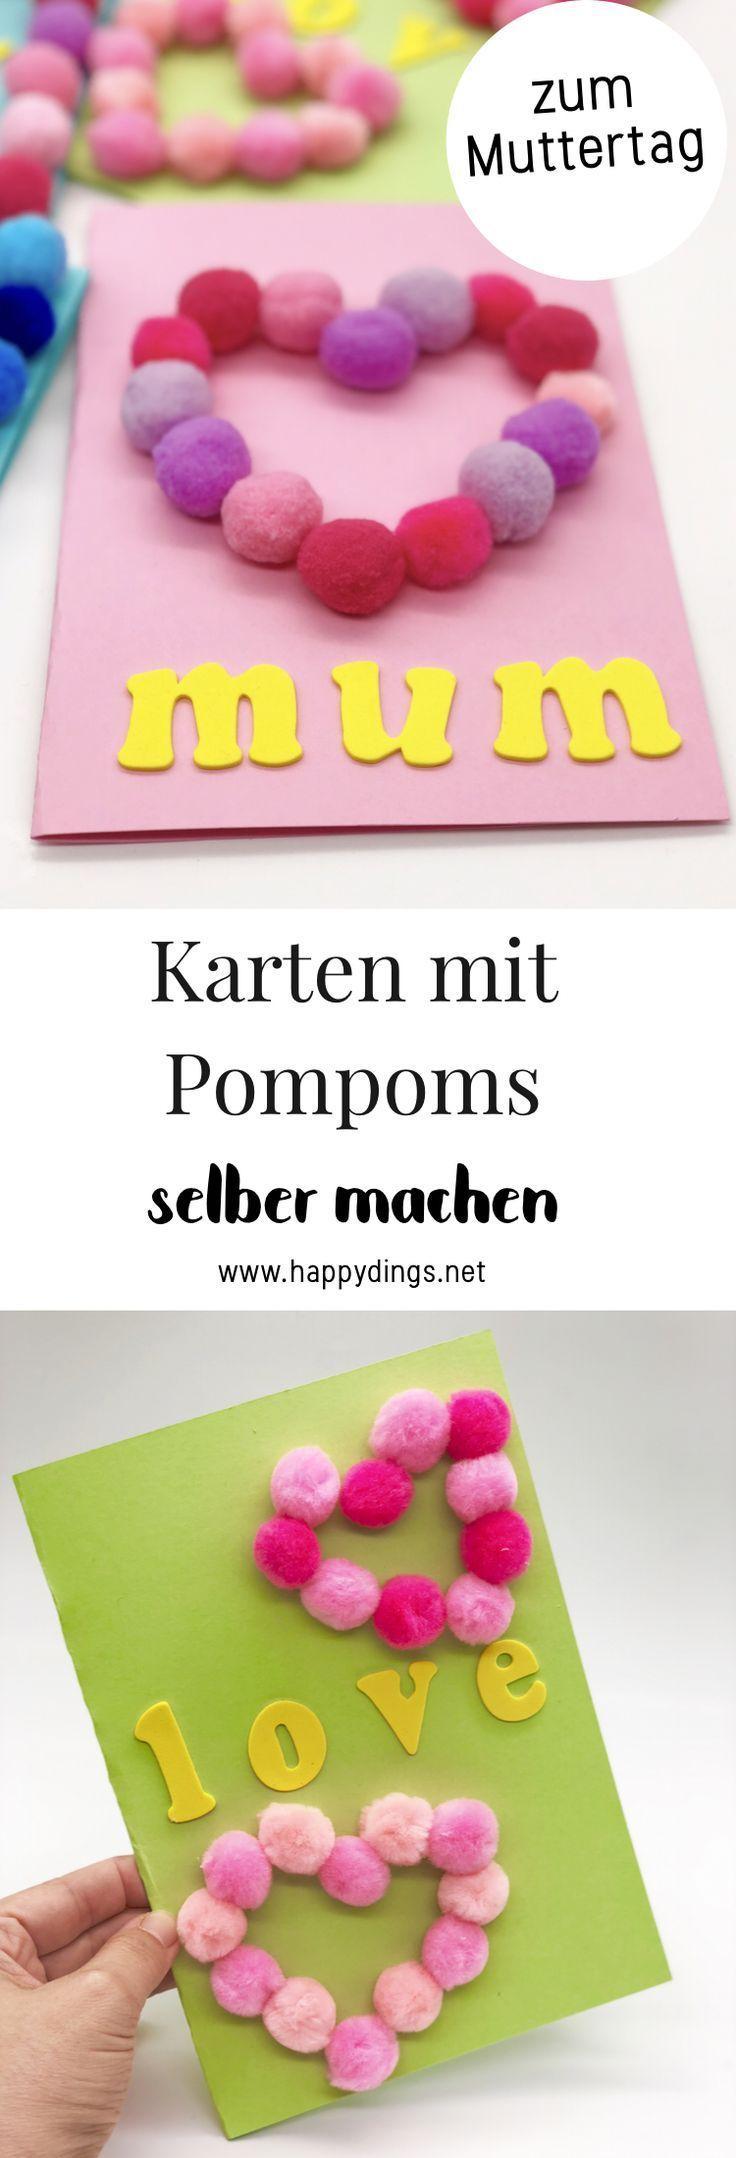 Basteln mit Pompons – kreative Karten selber machen